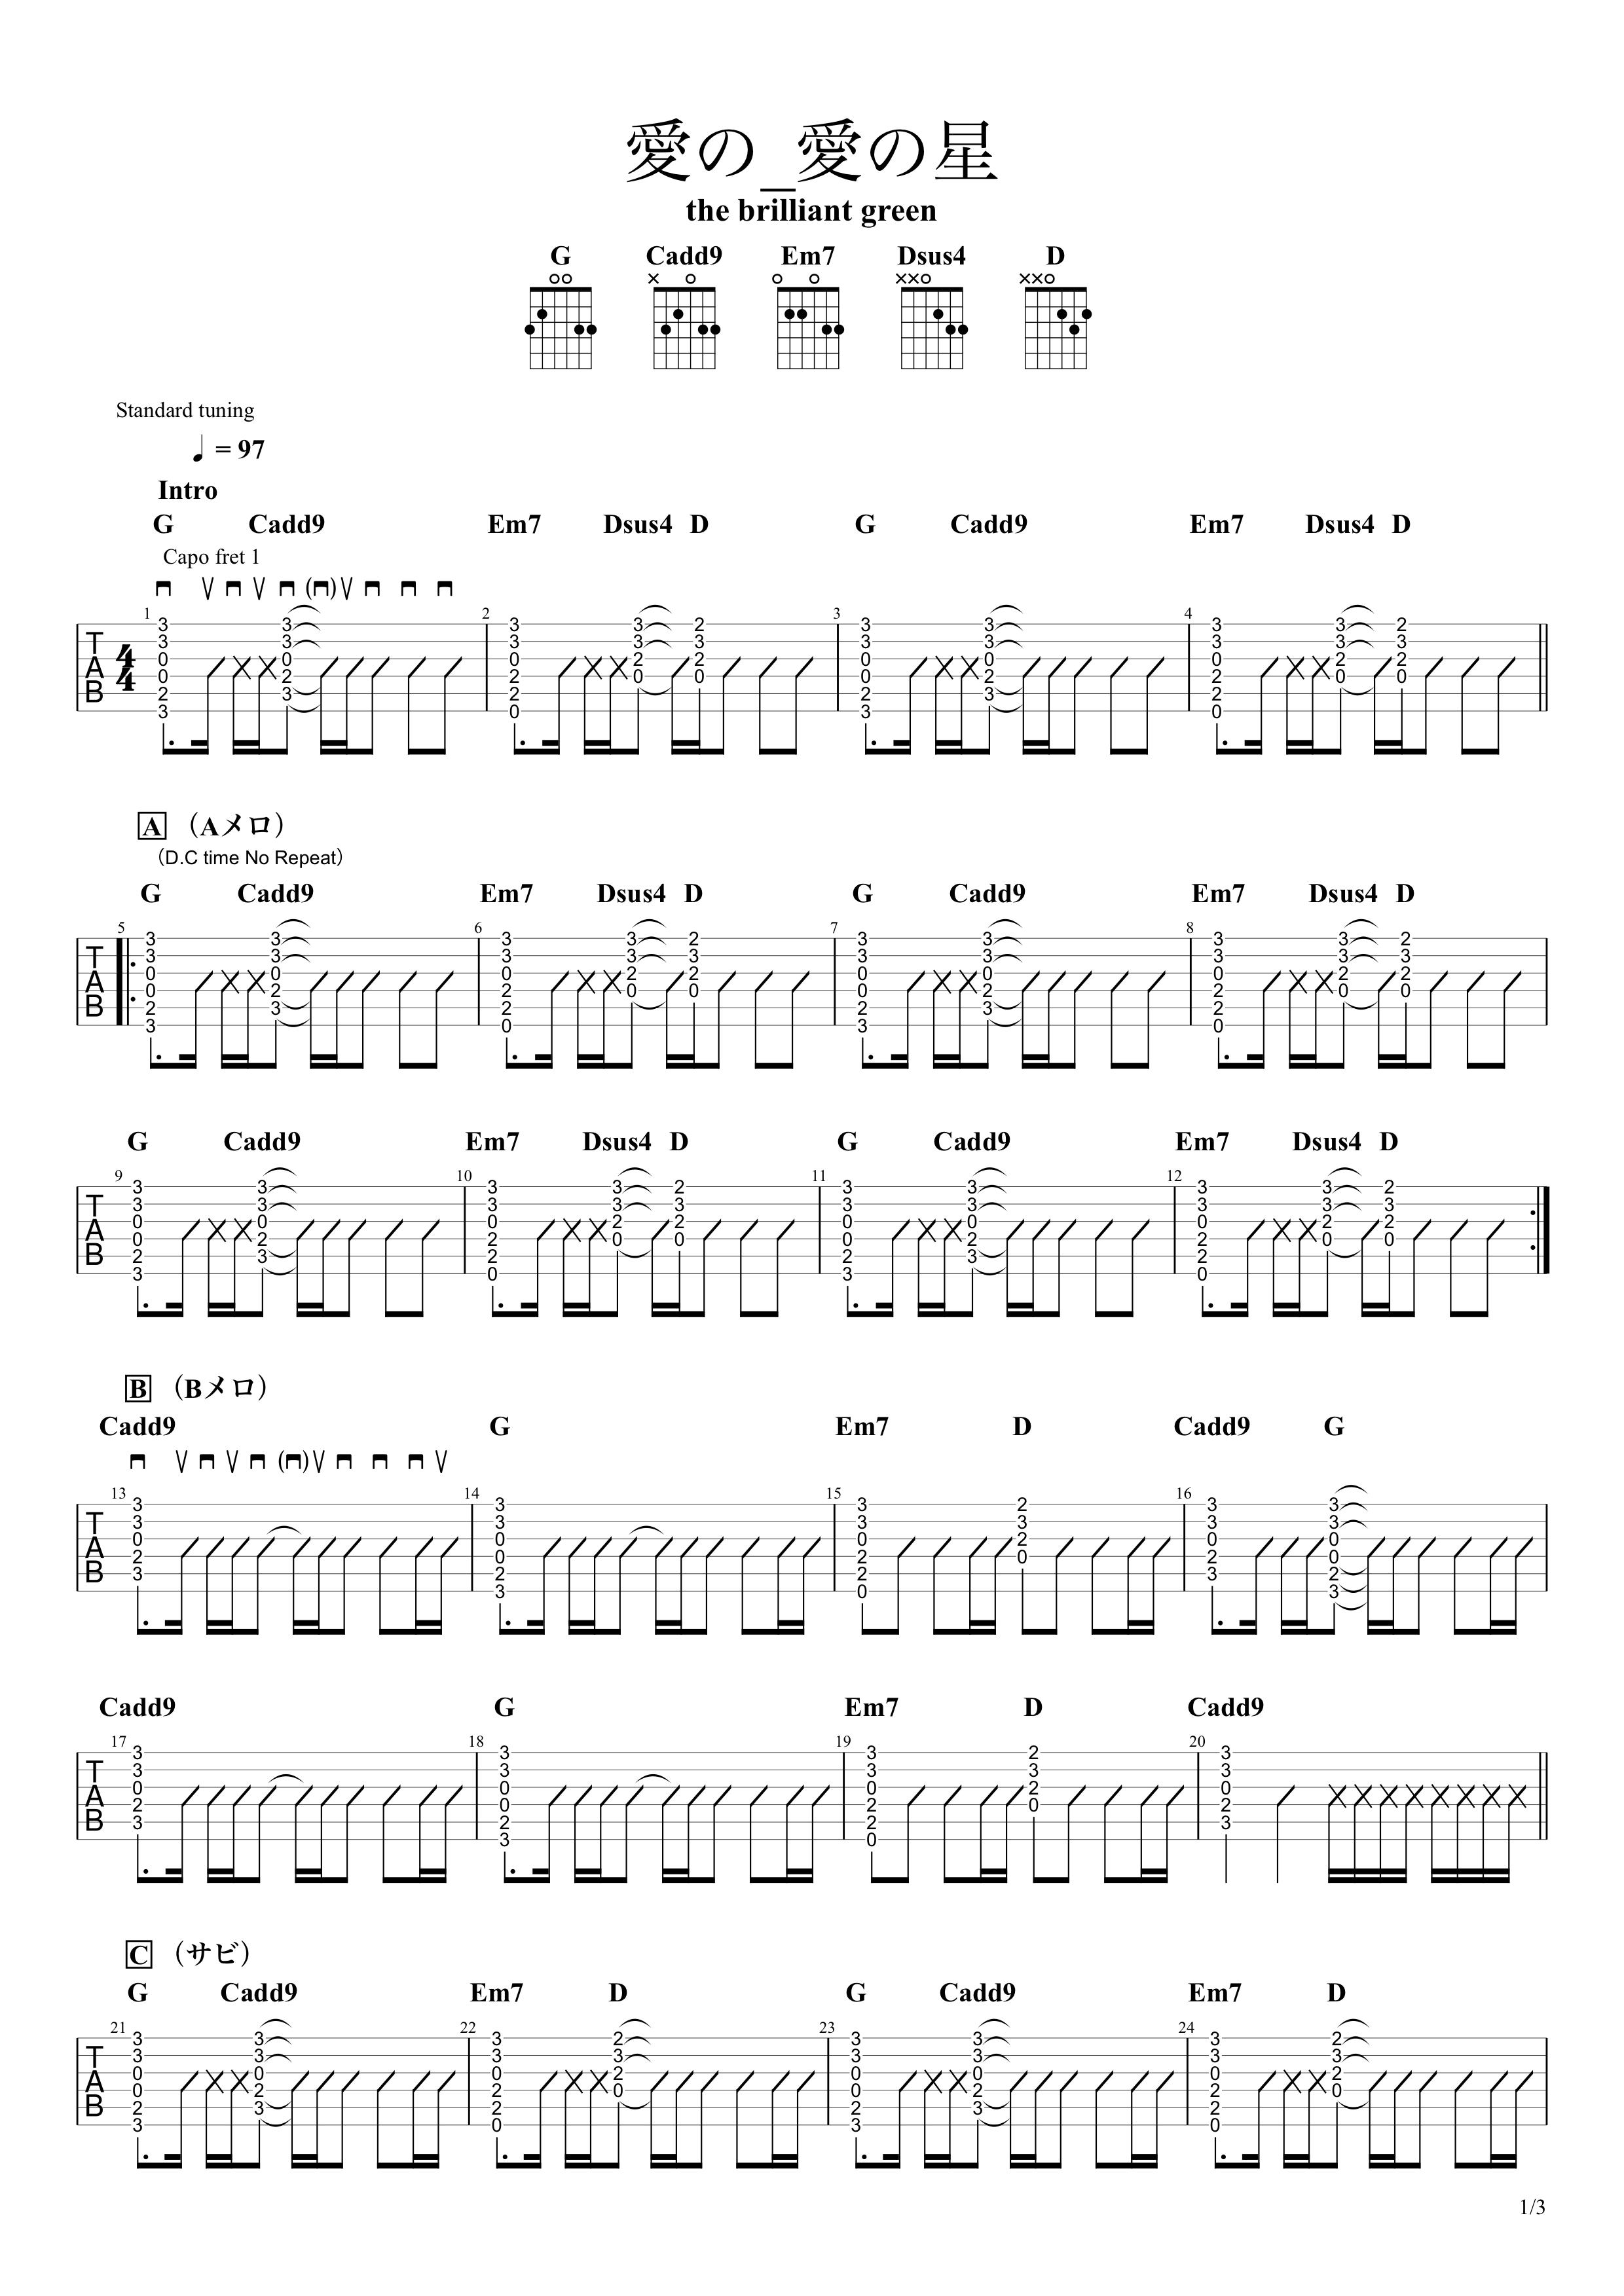 愛の_愛の星/the brilliant green ギタータブ譜 コードストロークで弾くVer.01